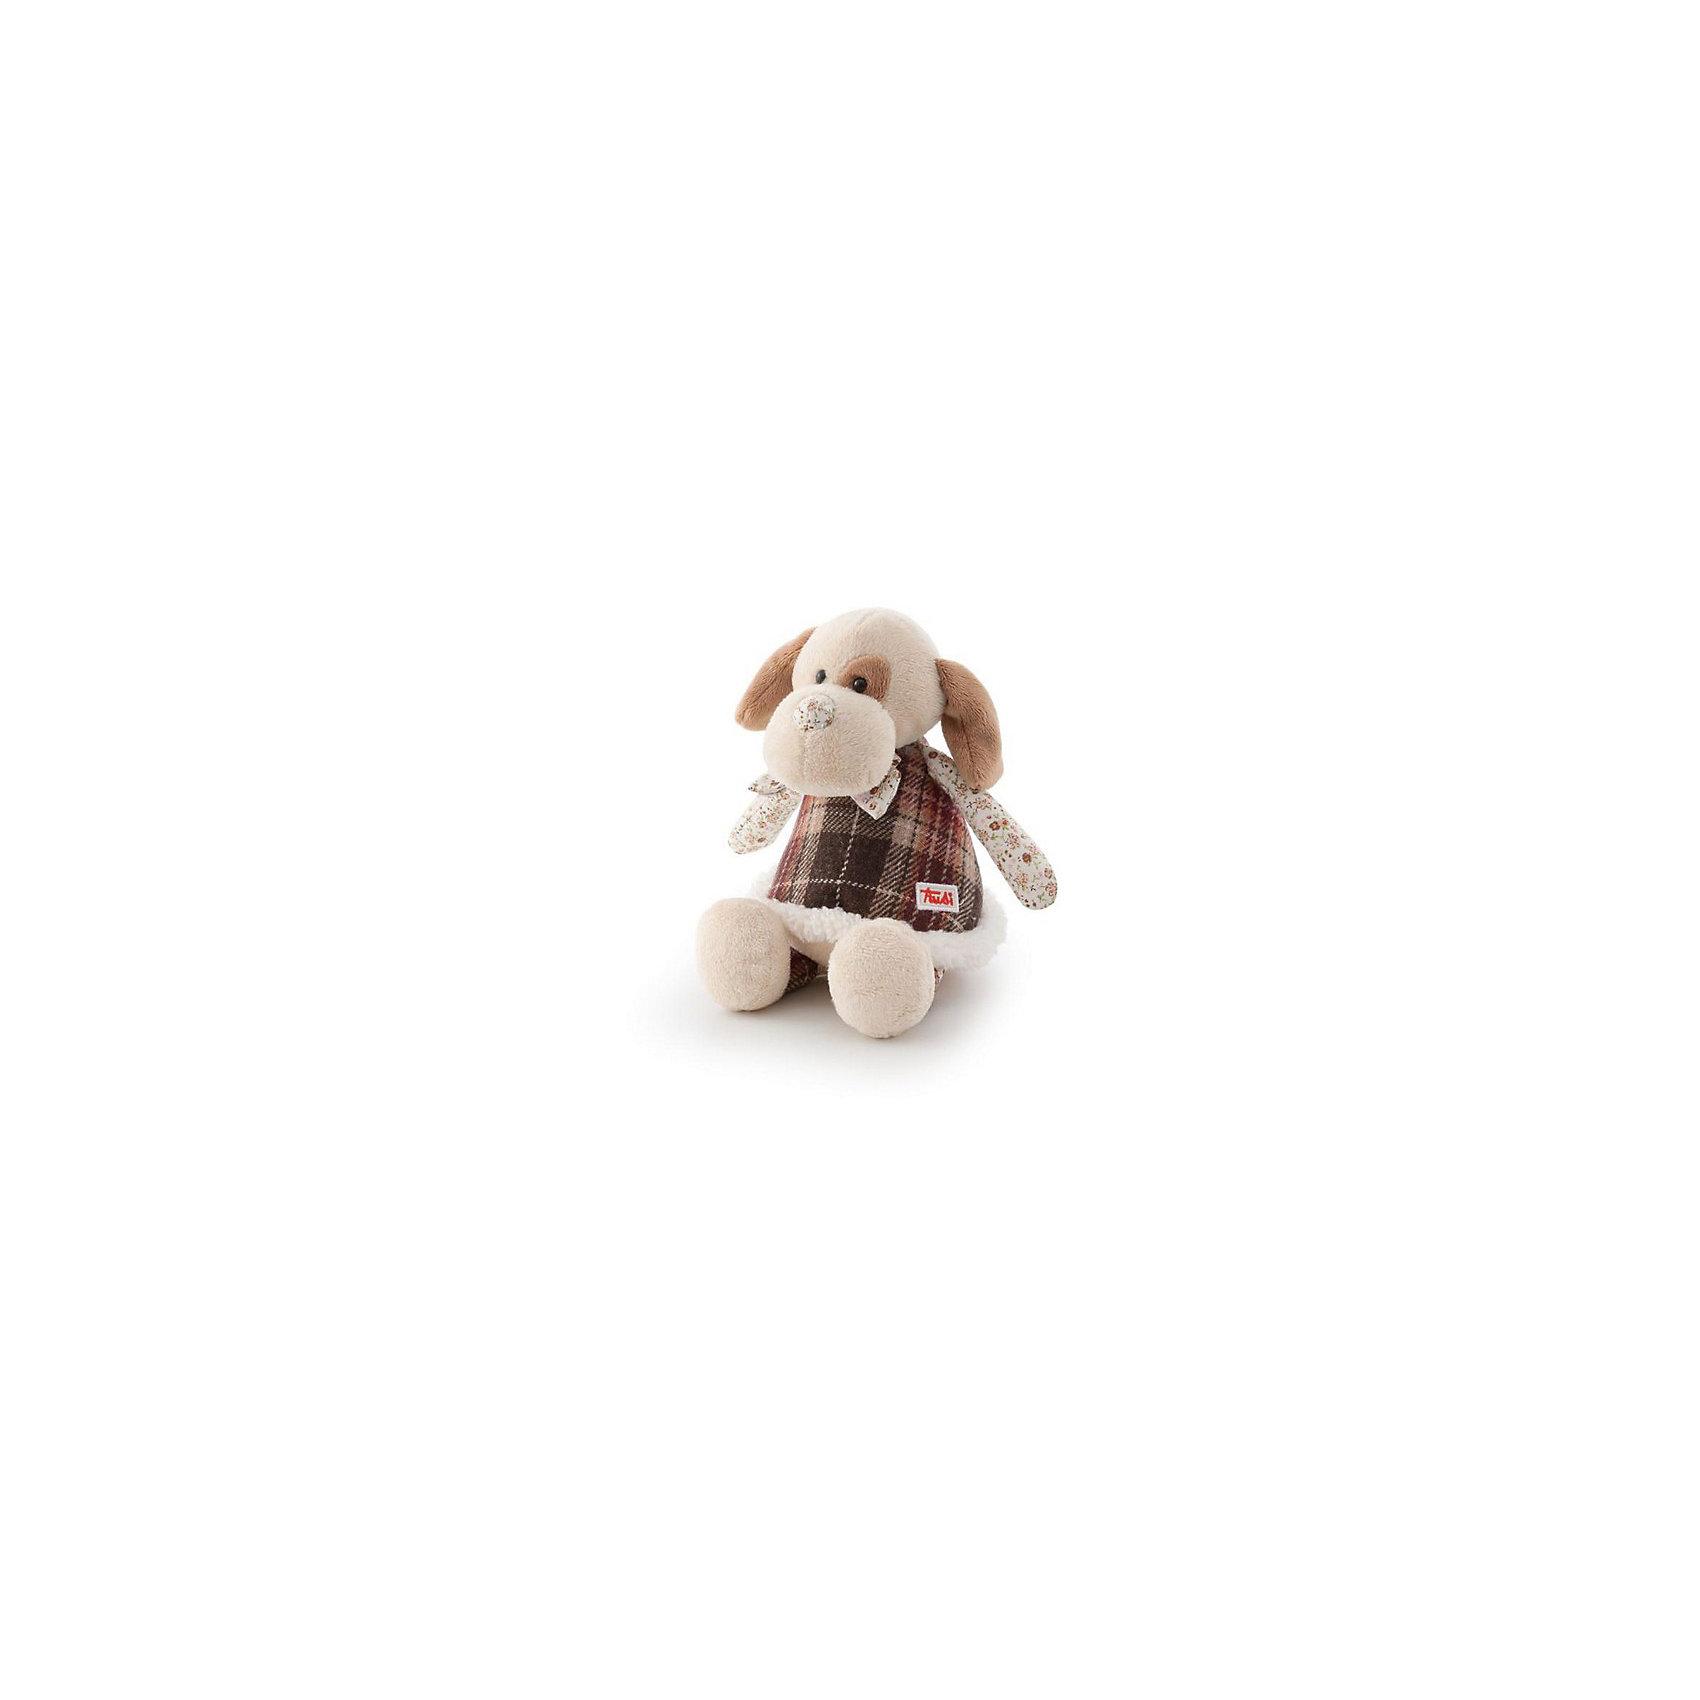 Собачка в стиле «прованс», 25 см, TrudiКошки и собаки<br>Эта очаровательная собачка от Trudi приведет в восторг и детей, и взрослых! Игрушка изготовлена из высококачественных экологичных материалов разных фактур. Мягкая шерстка очень приятна на ощупь, а оригинальные исполнение, текстильные вставки и стилизация под hand made сделают собачку не только любимой игрушкой, но и стильным дополнением интерьера детской комнаты. Прекрасный подарок на любой праздник!<br><br>Дополнительная информация:<br><br>- Материал: плюш, пластик, текстиль, искусственный мех. <br>- Высота: 25 см. <br>- Допускается машинная стирка при деликатной режиме (30 ?).<br><br>Собачку в стиле «прованс», 25 см, Trudi (Труди), можно купить в нашем магазине.<br><br>Ширина мм: 250<br>Глубина мм: 190<br>Высота мм: 160<br>Вес г: 110<br>Возраст от месяцев: 12<br>Возраст до месяцев: 2147483647<br>Пол: Унисекс<br>Возраст: Детский<br>SKU: 5055252